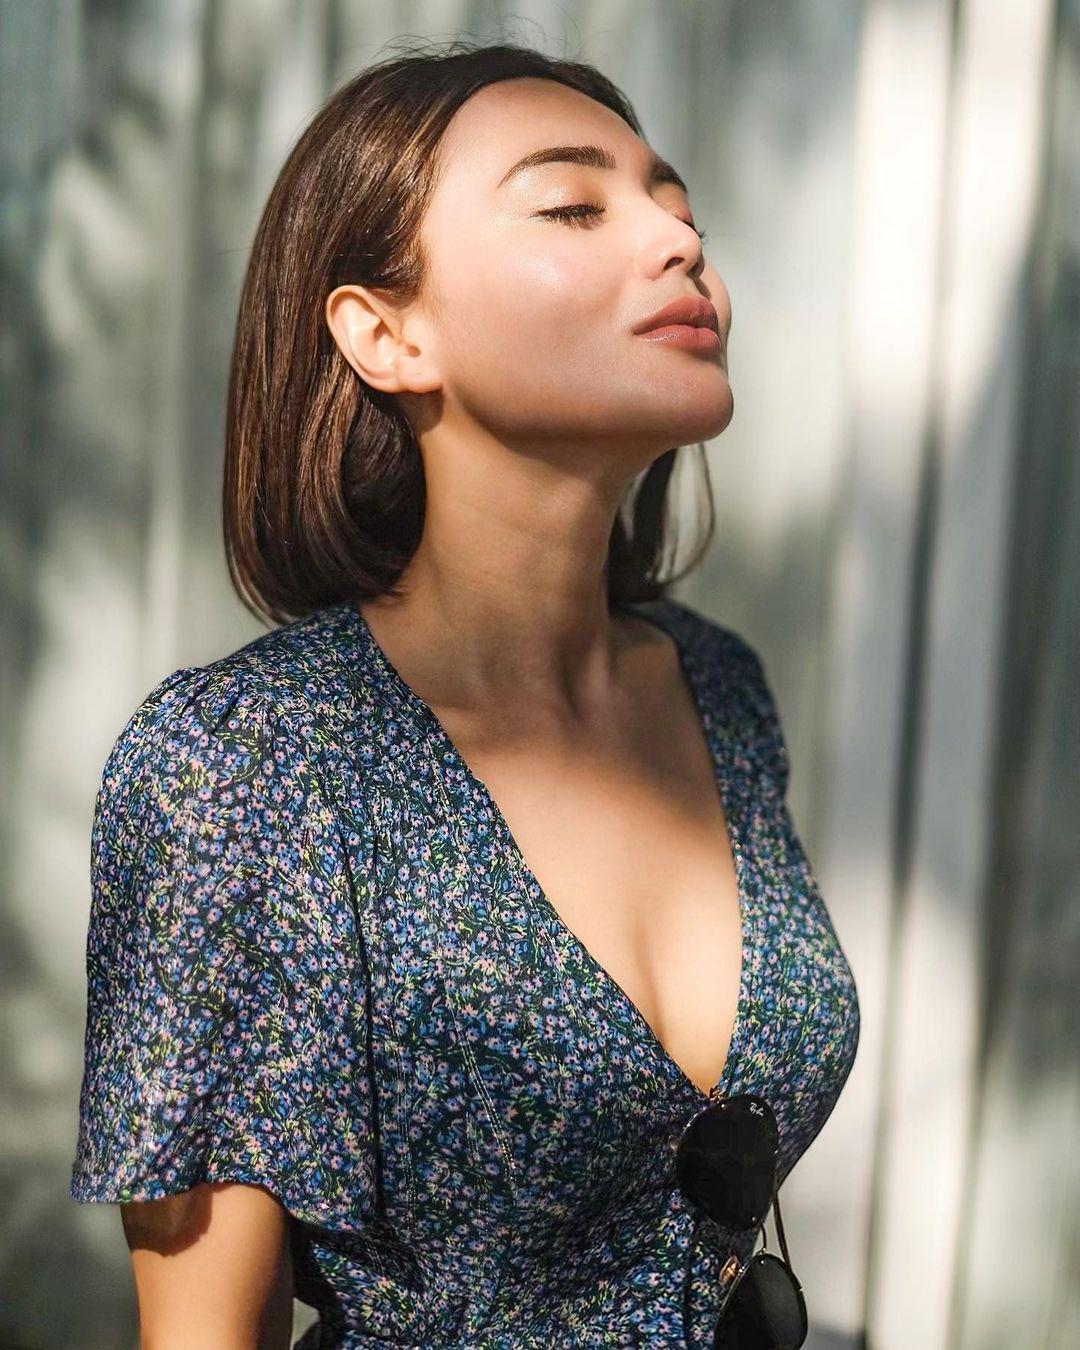 Wika Salim (instagram.com/wikasalim)